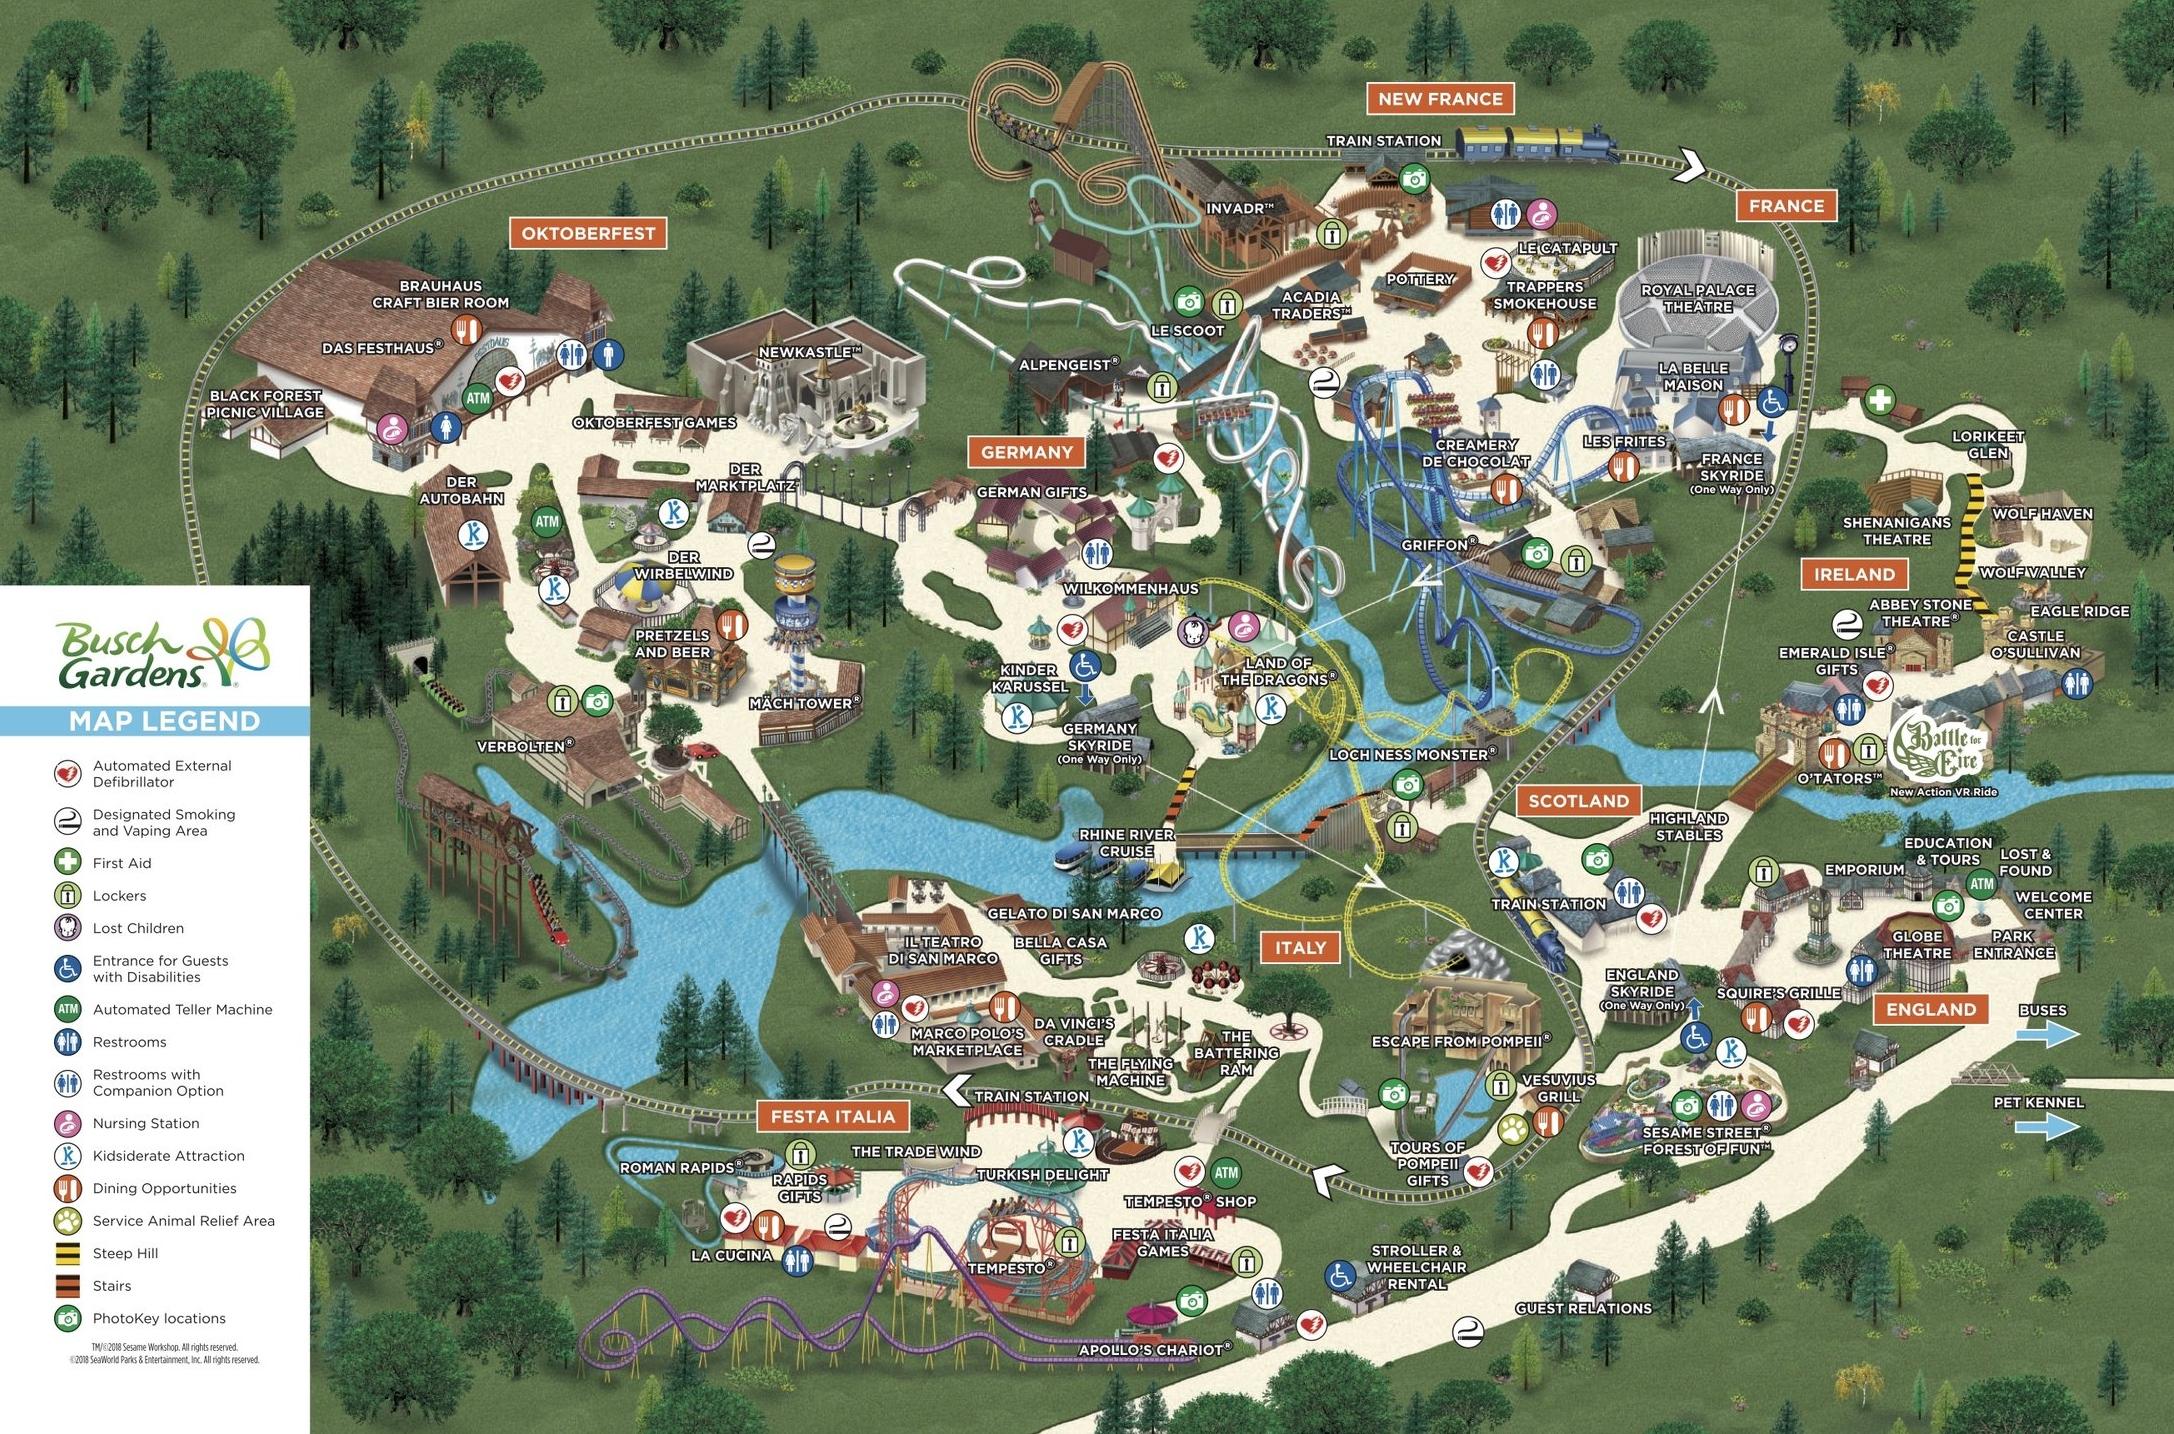 BUSCH GARDENS WILLIAMSBURG PARK MAP, ALL CREDIT TO BUSCH GARDENS